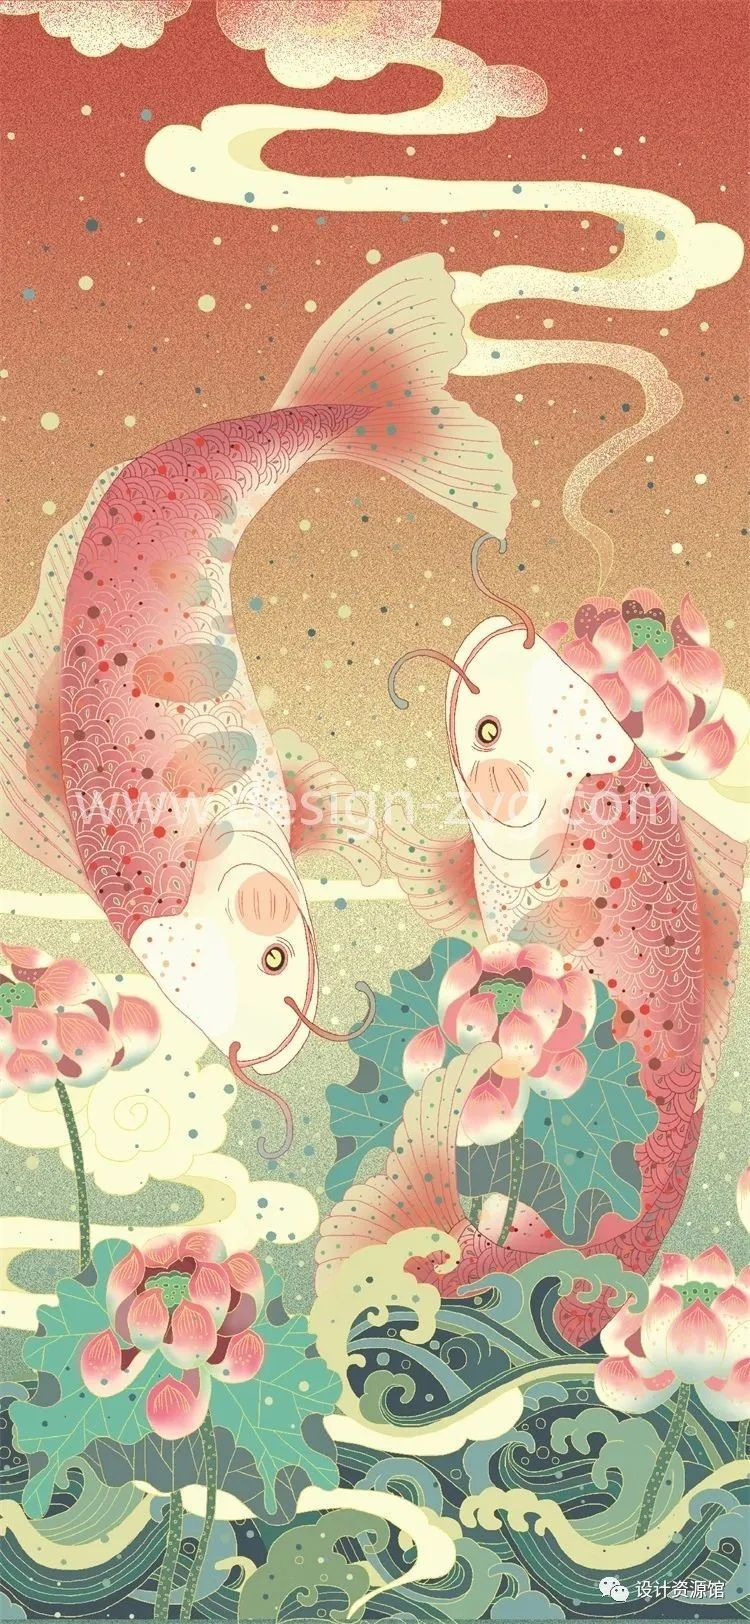 中国风合集 中国传统纹样锦集+中国风精美潮流插画+精美纸质纹理素材【712期】插图11